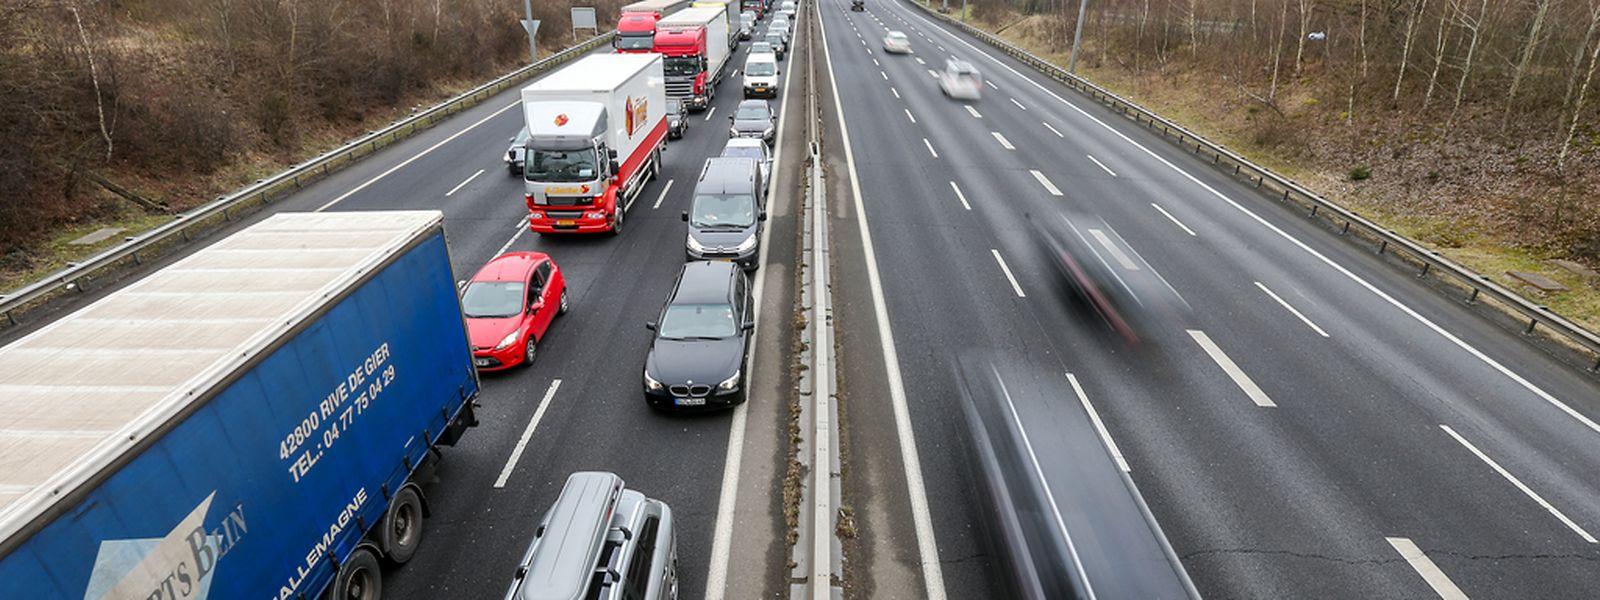 Auf der A6 in Richtung Belgien staute sich am Nachmittag der Verkehr.